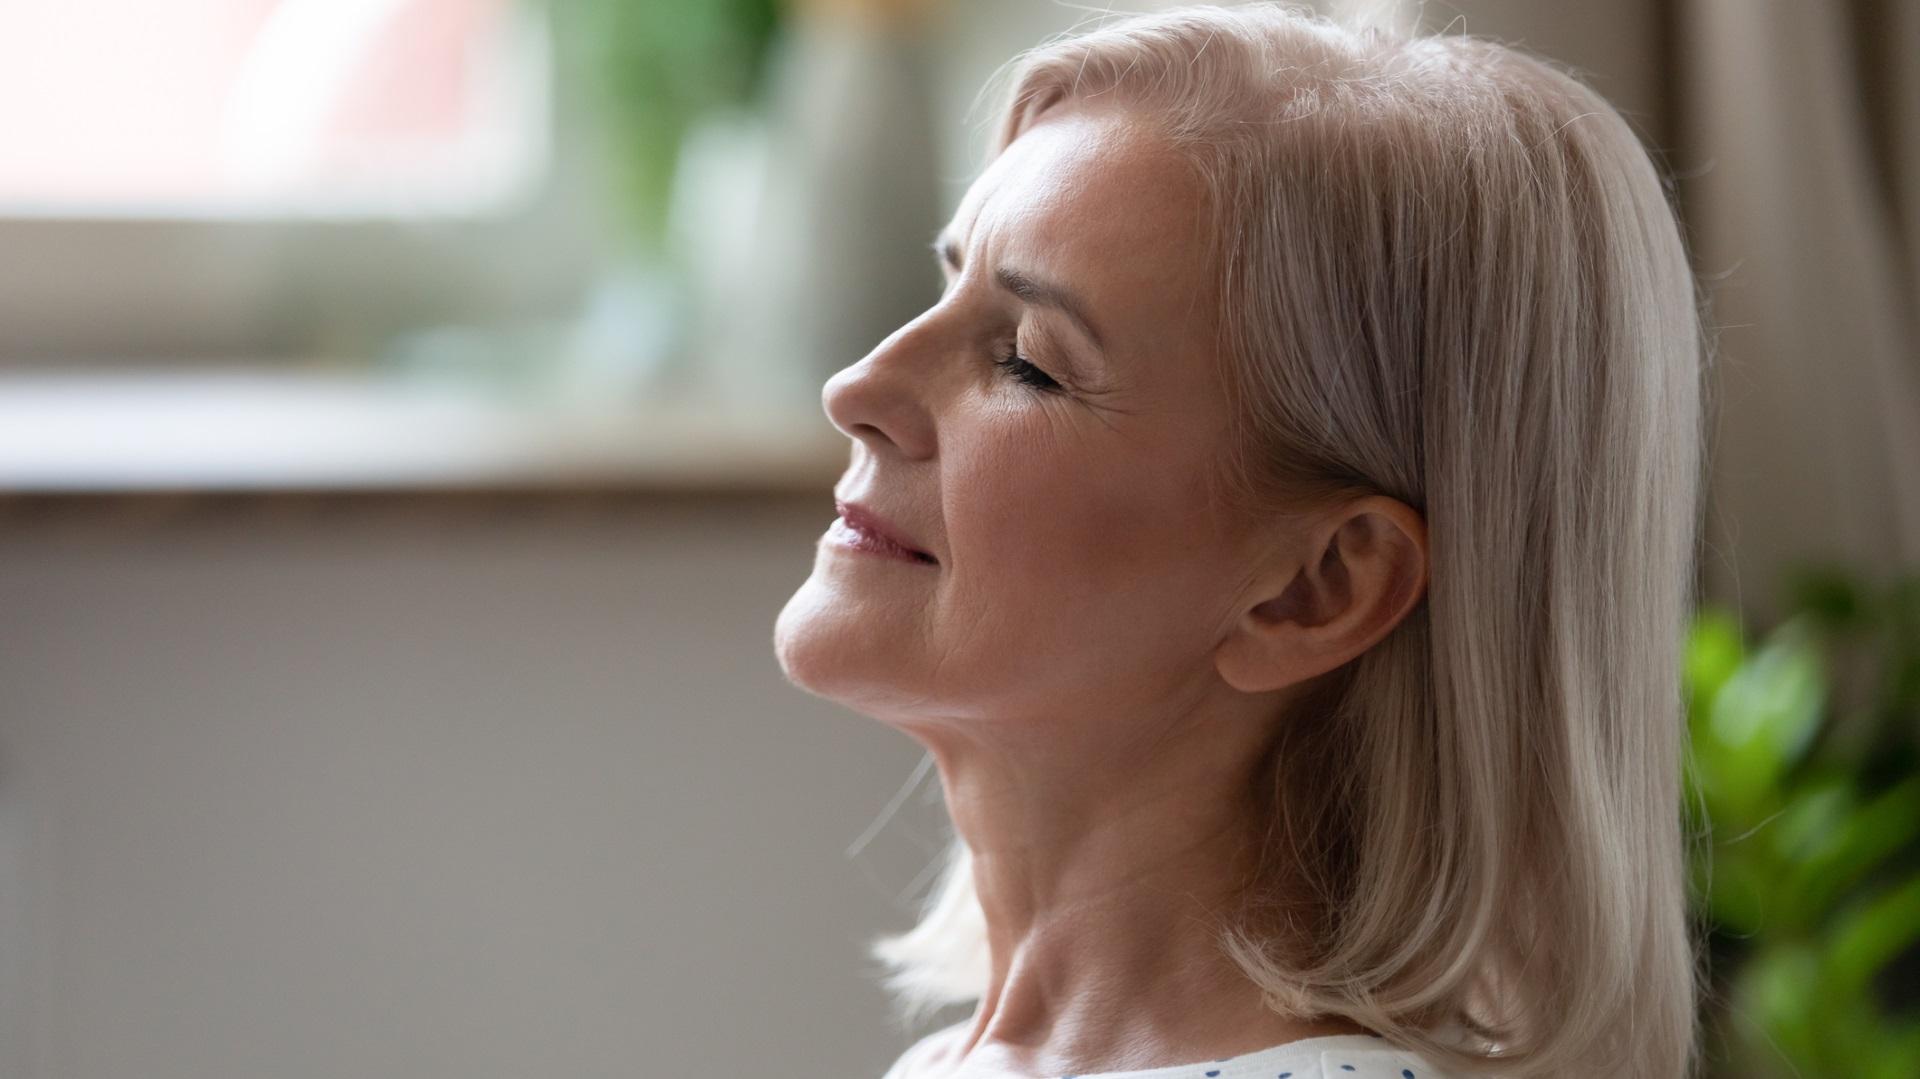 <p><strong>Поемете няколко пъти дълбоко въздух</strong></p>  <p>Дълбокото дишане може да е един от най-добрите начини за да почувствате по-малко стрес. Вдишайте през носа, докато белите дробове достигнат пълния си капацитет, задръжте за момент и след това издишайте напълно през устата. Правете това със собствено темпо за 5-7 вдишвания.</p>